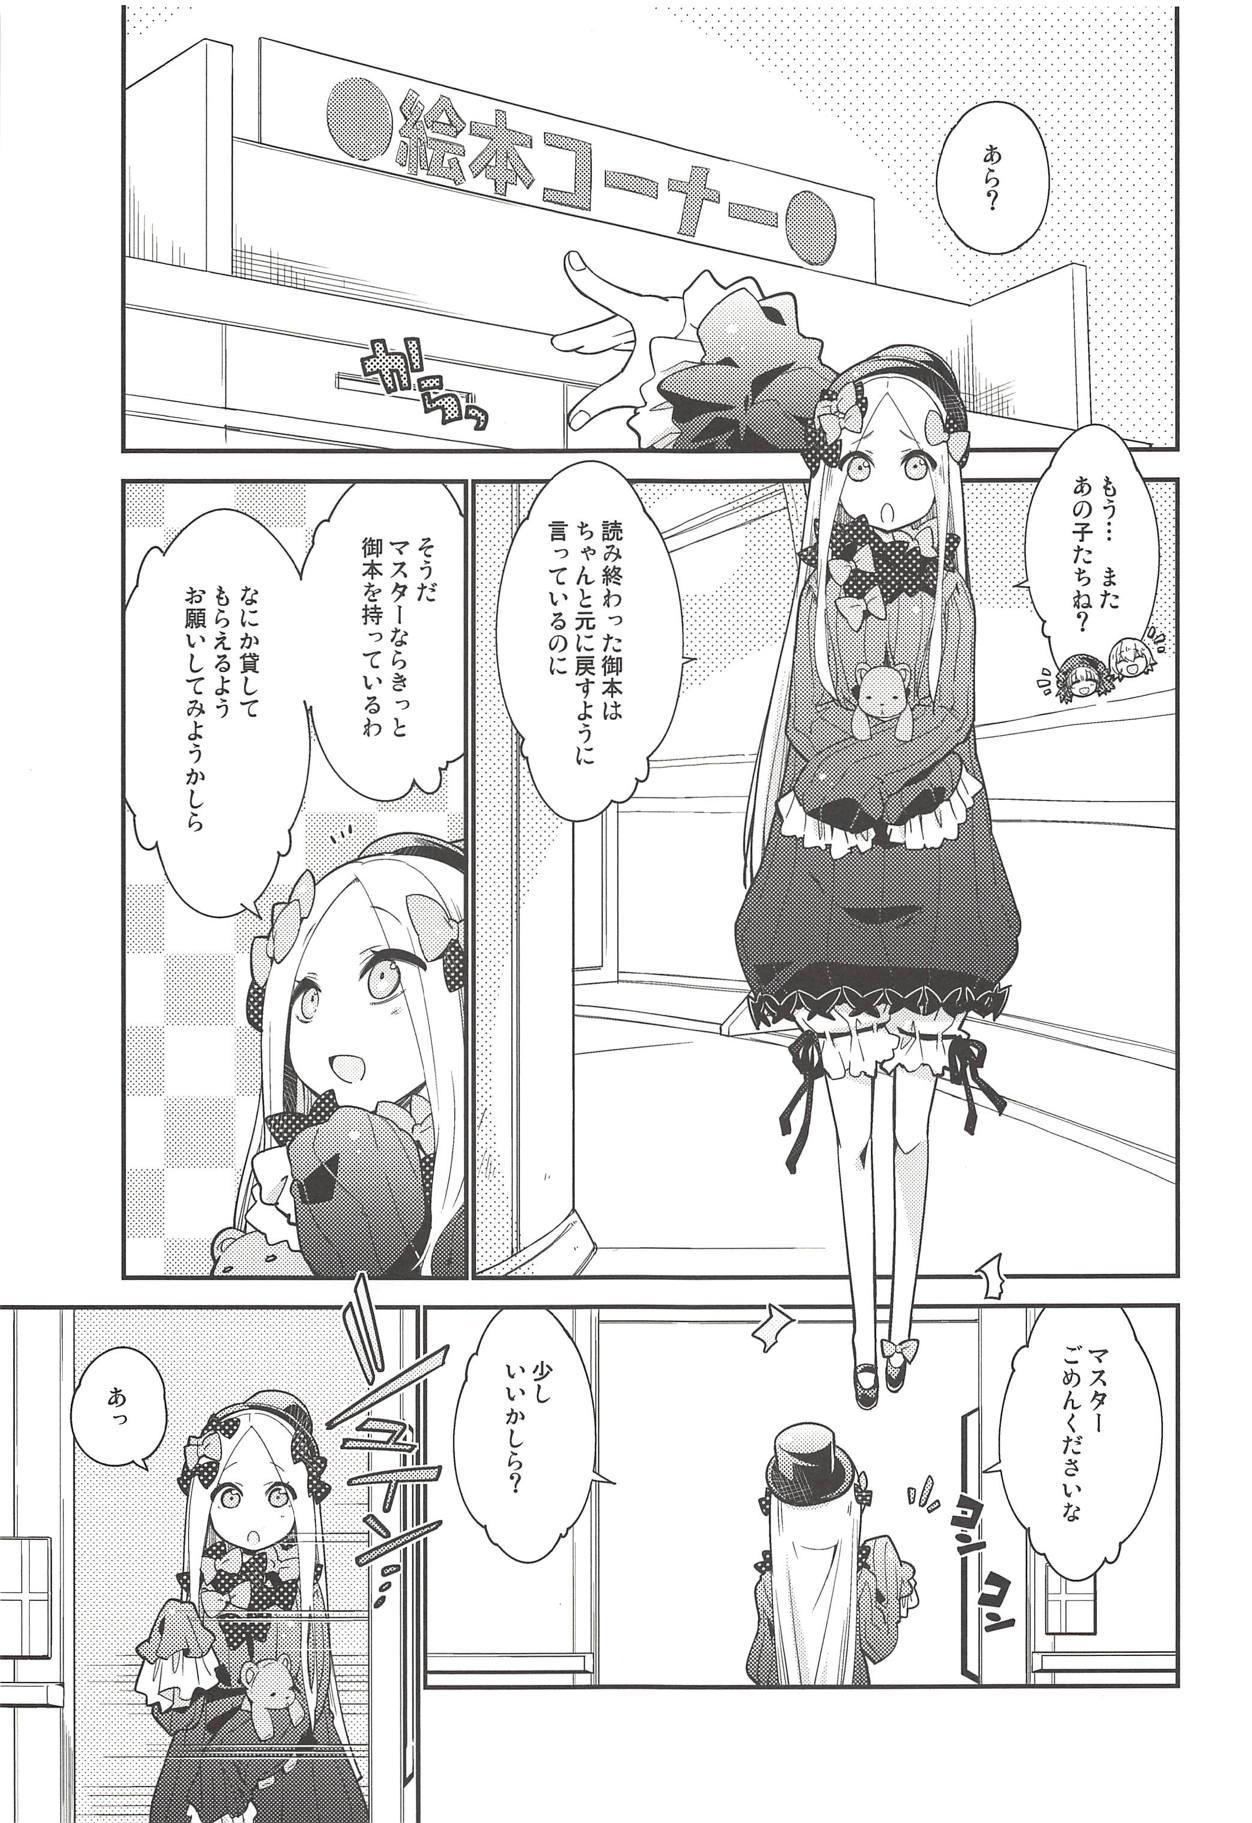 Hoshi no Furu Yo no Sono Ato de... 3